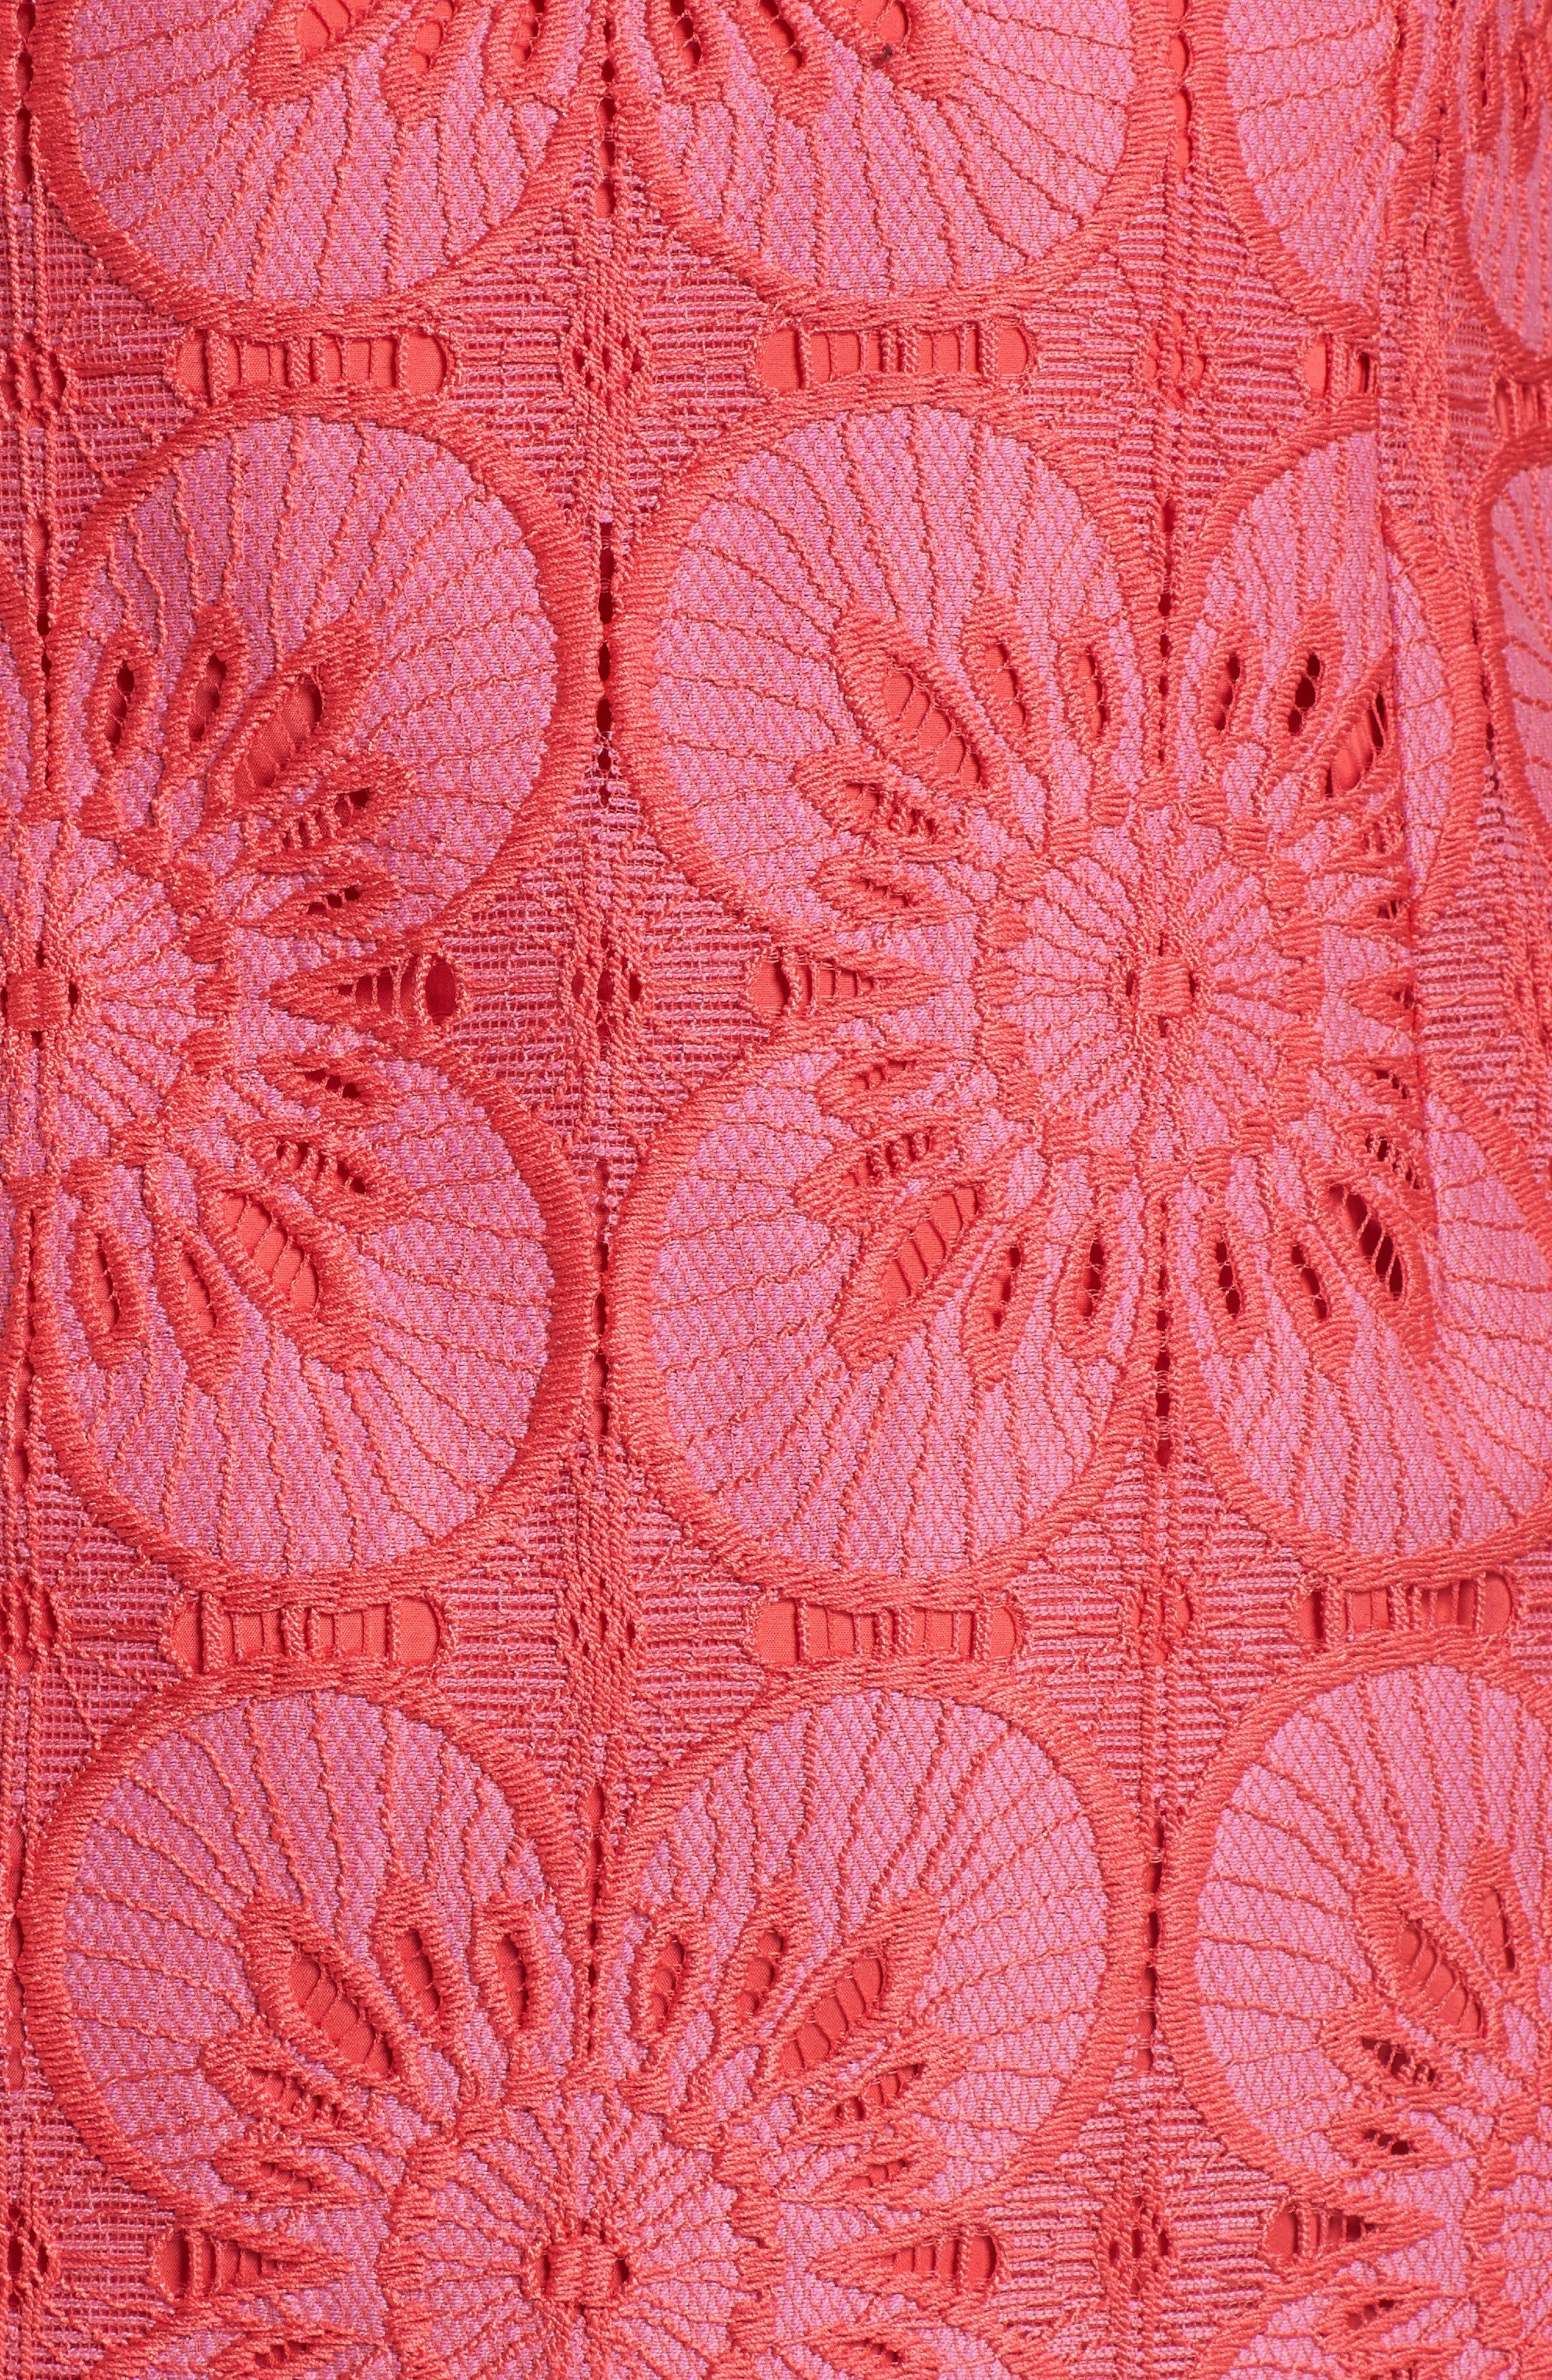 Carpinteria Lace Ruffle Hem Dress,                             Alternate thumbnail 5, color,                             650